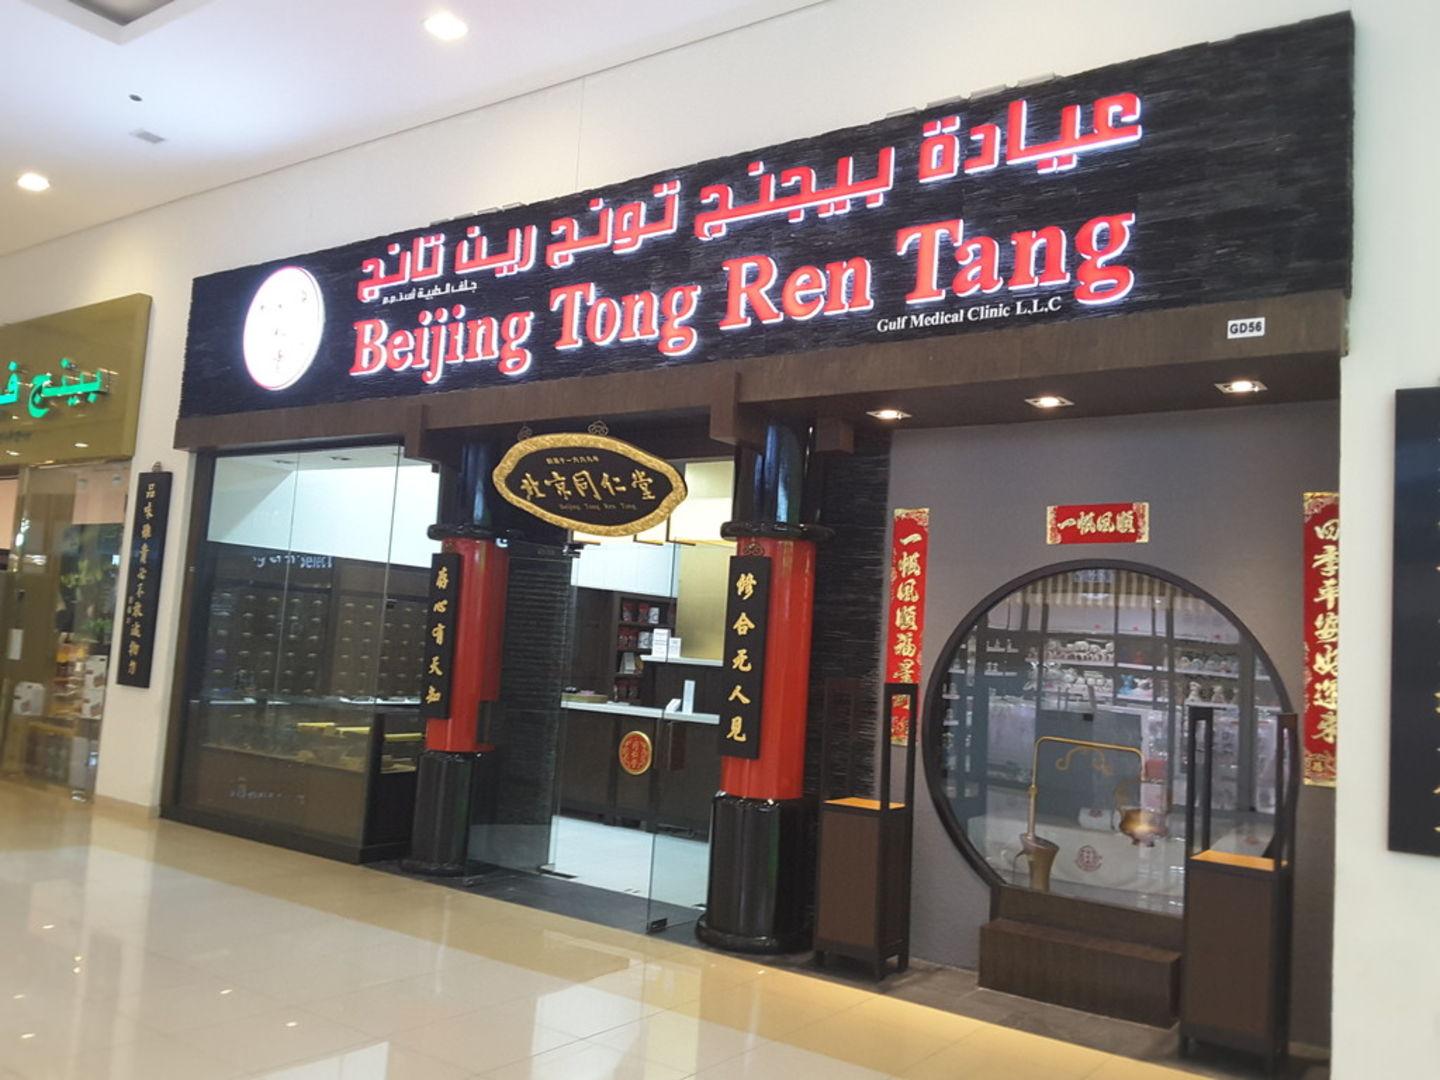 HiDubai-business-beijing-tong-ren-tang-beauty-wellness-health-hospitals-clinics-international-city-warsan-1-dubai-2